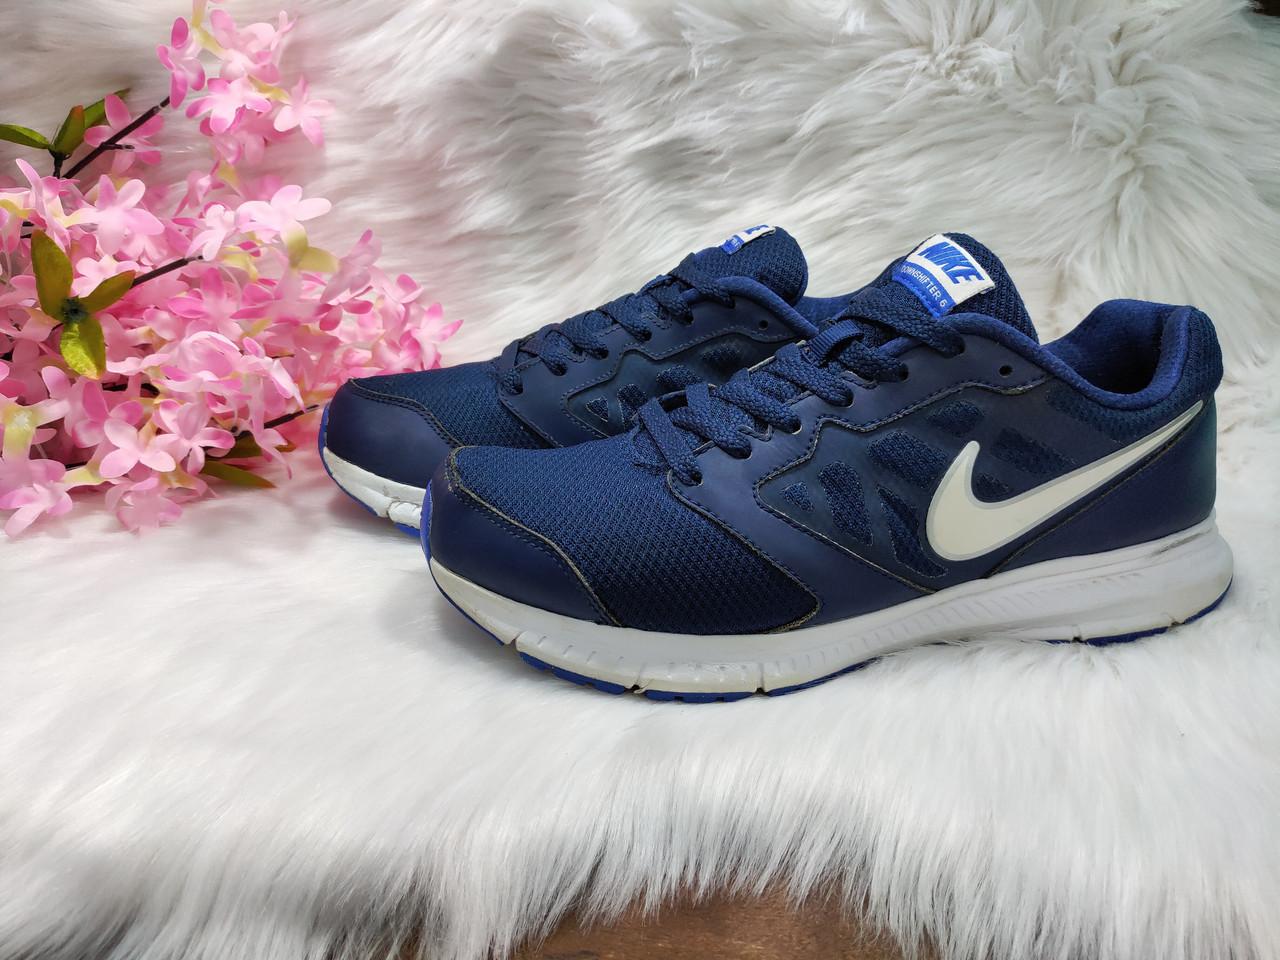 02368525 Беговые кроссовки Nike Downshifter 6 (43.5 размер) бу - Интернет-магазин  обуви из